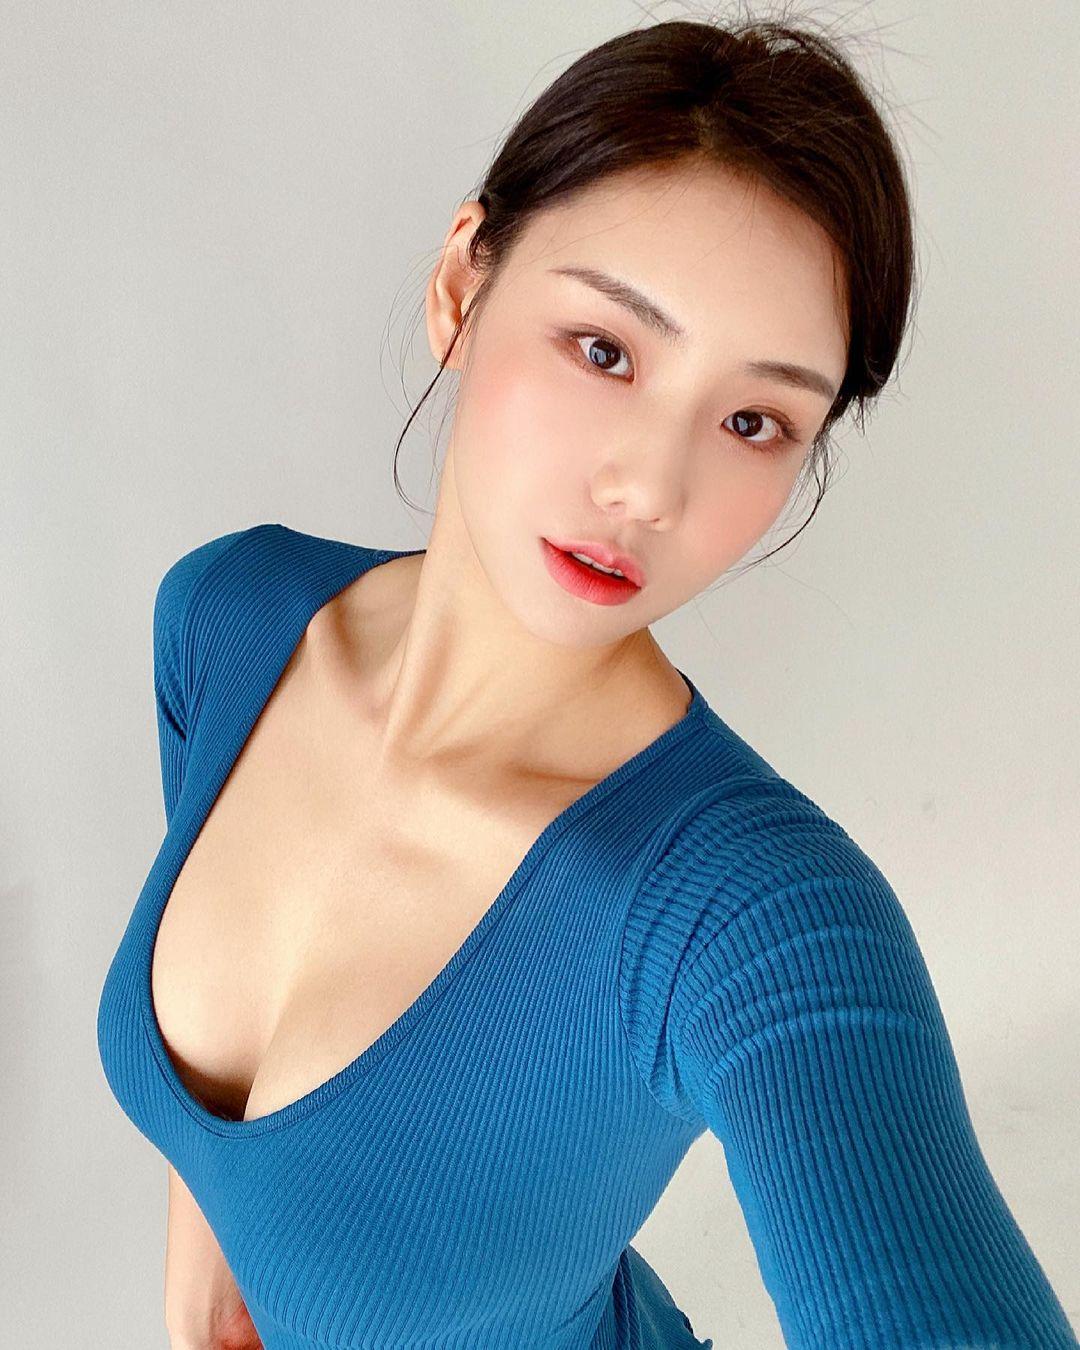 Nguyên tắc thời trang giúp thiếu nữ xứ Hàn khéo hút ánh nhìn nơi công cộng - ảnh 4